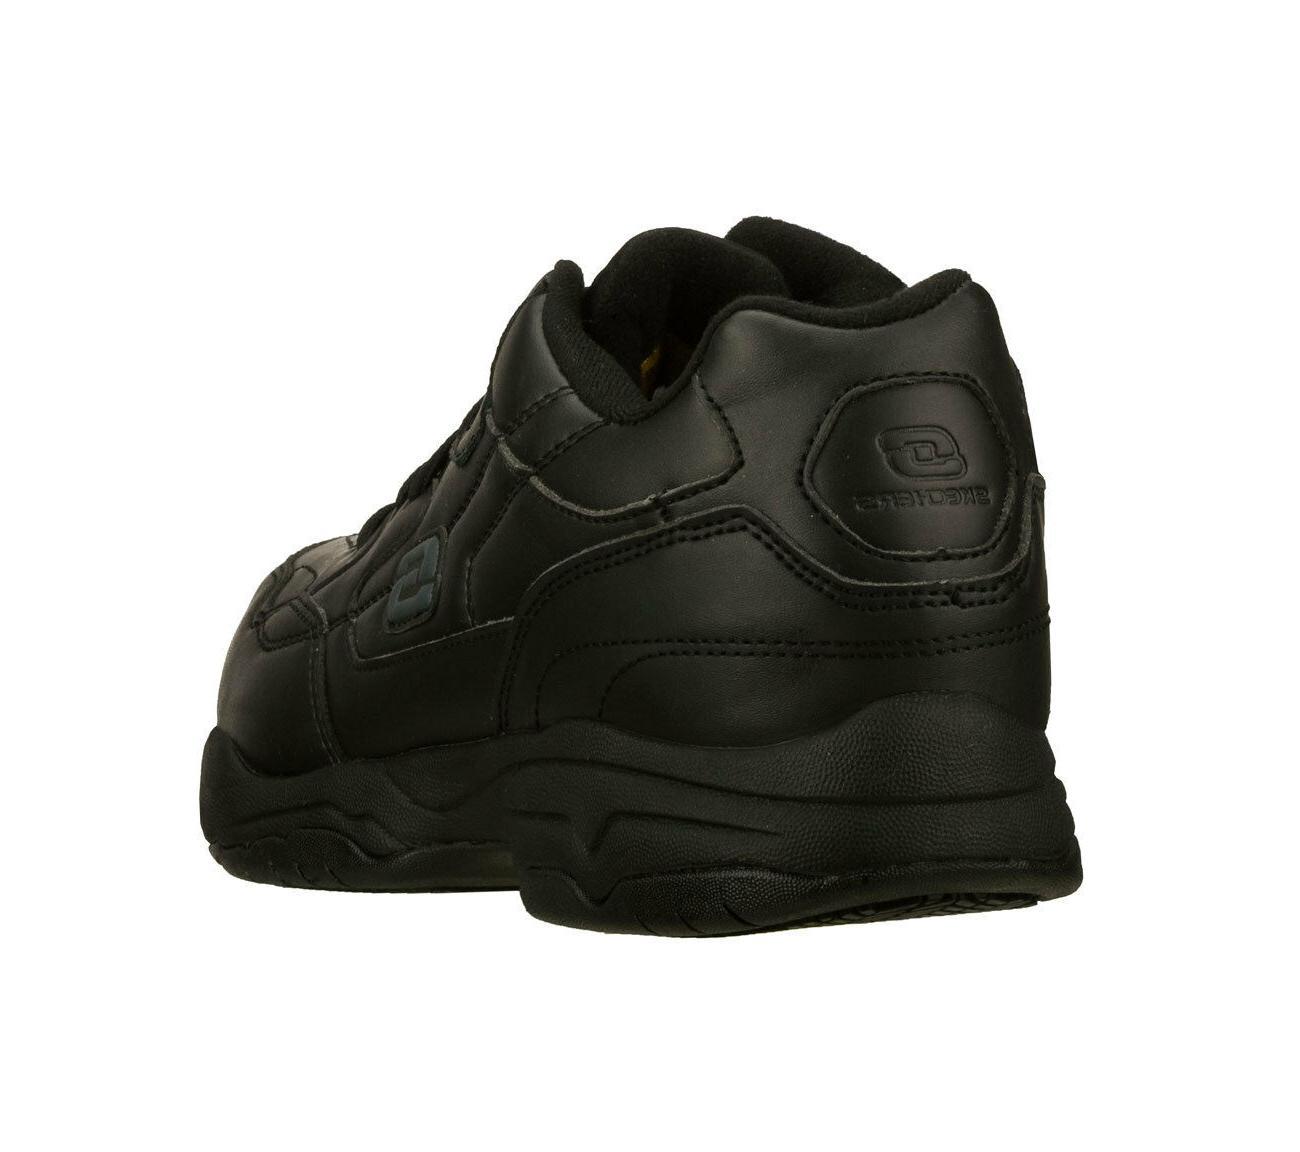 Skechers Black shoes Memory Foam Casual